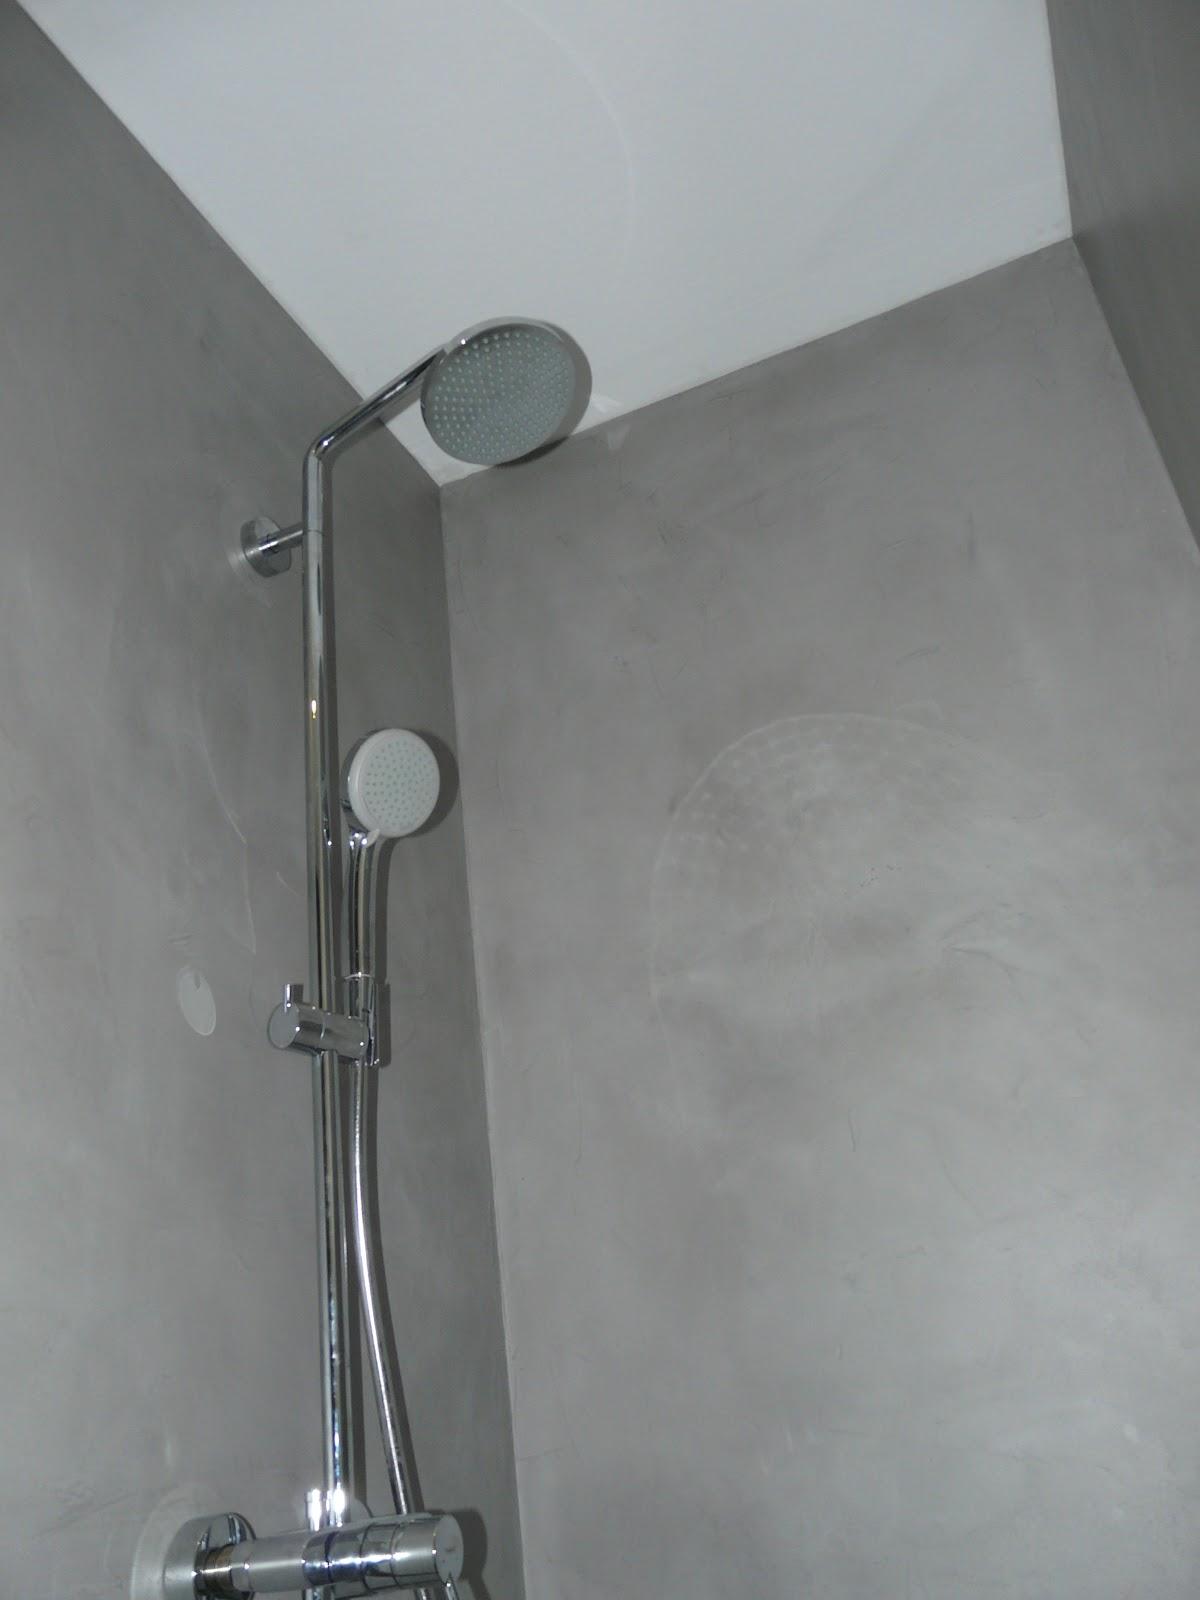 wand-wohndesign-beton-cire: Beton Cir - Bad in Betonoptik